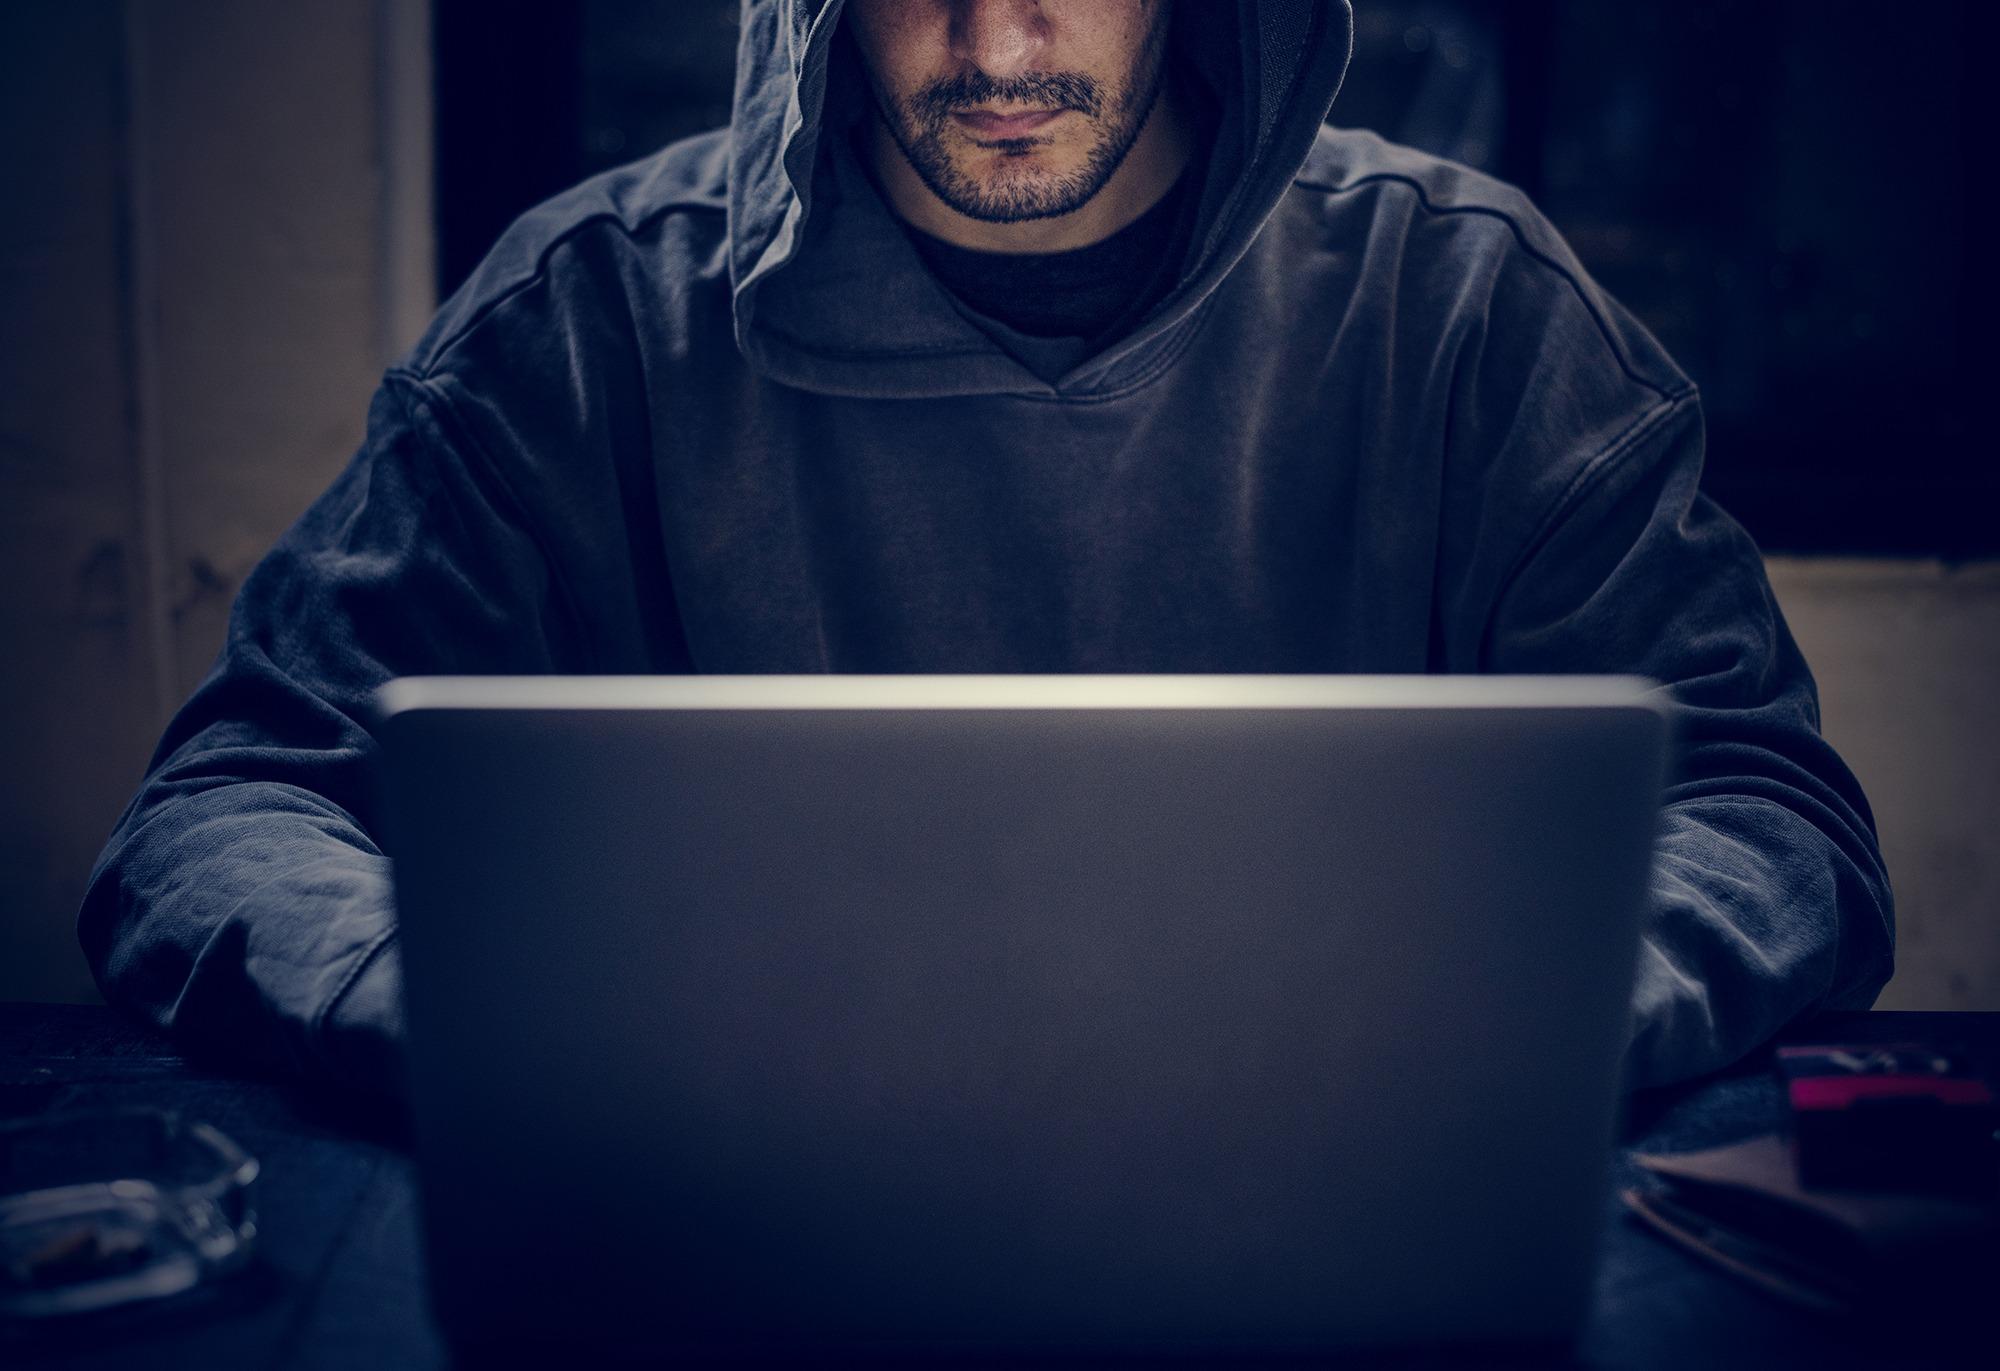 5 Ways to Combat Online Crime